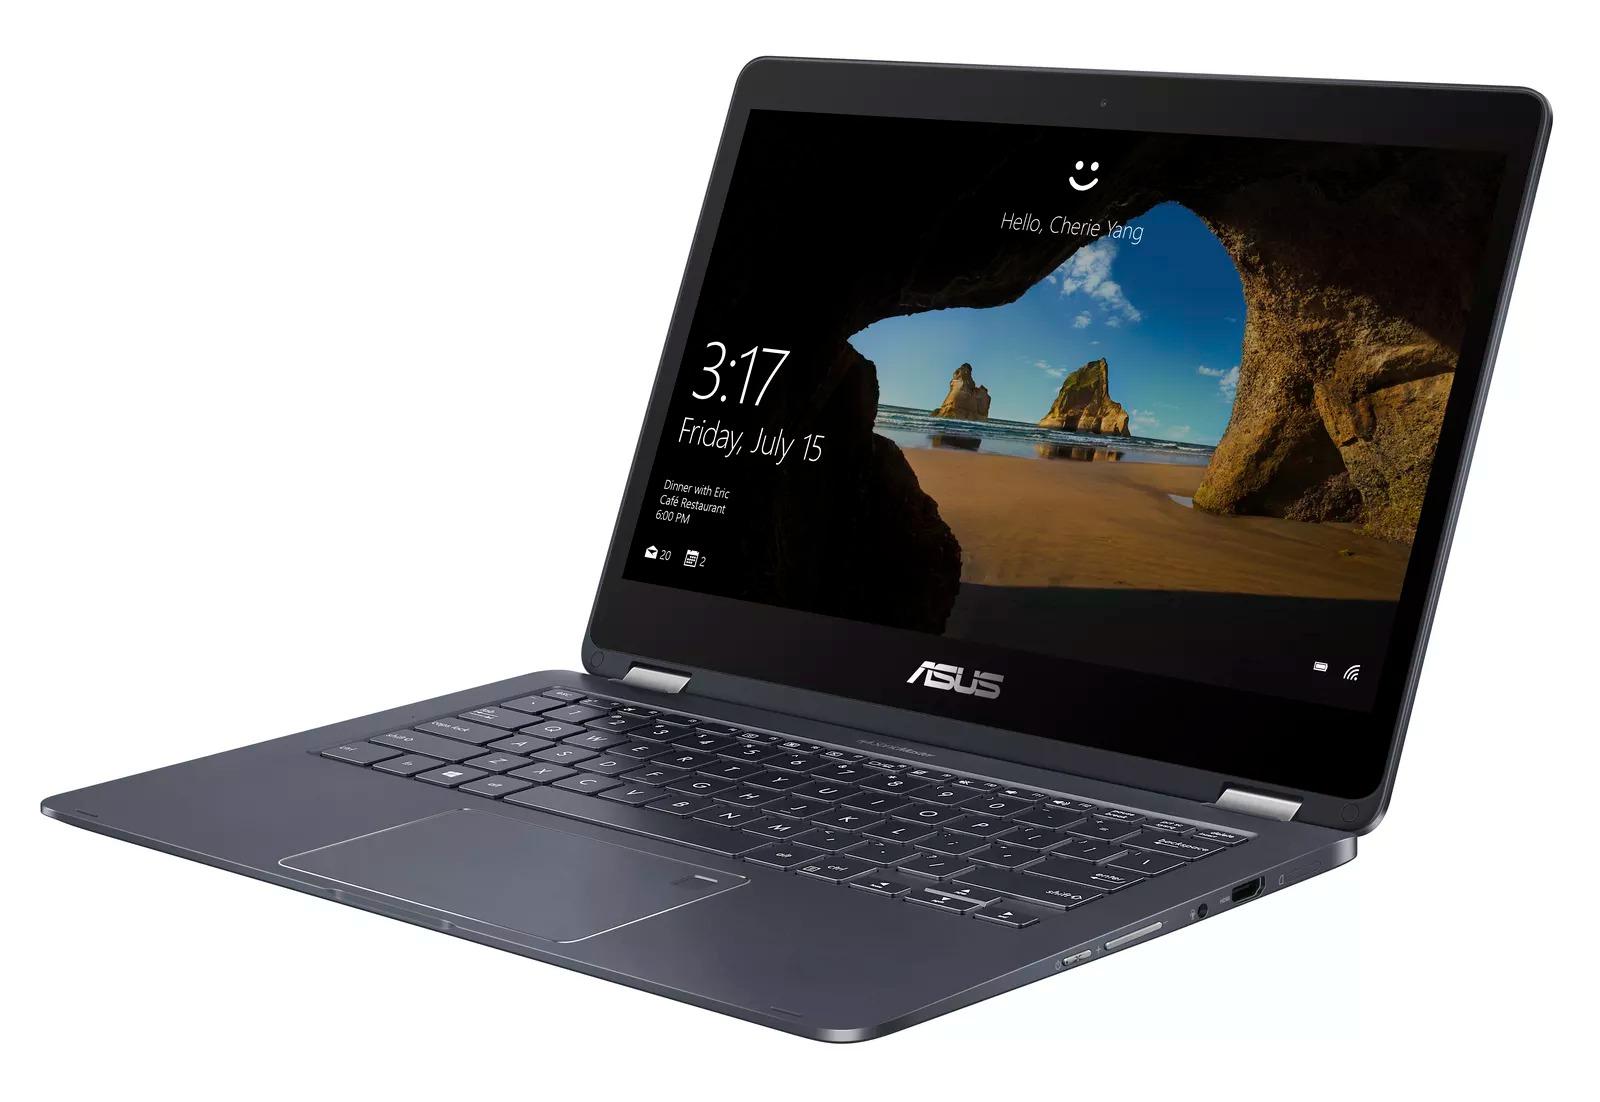 Qualcomm và Microsoft ra mắt laptop dùng chip Snapdragon 835, luôn luôn kết nối, pin dùng cả ngày